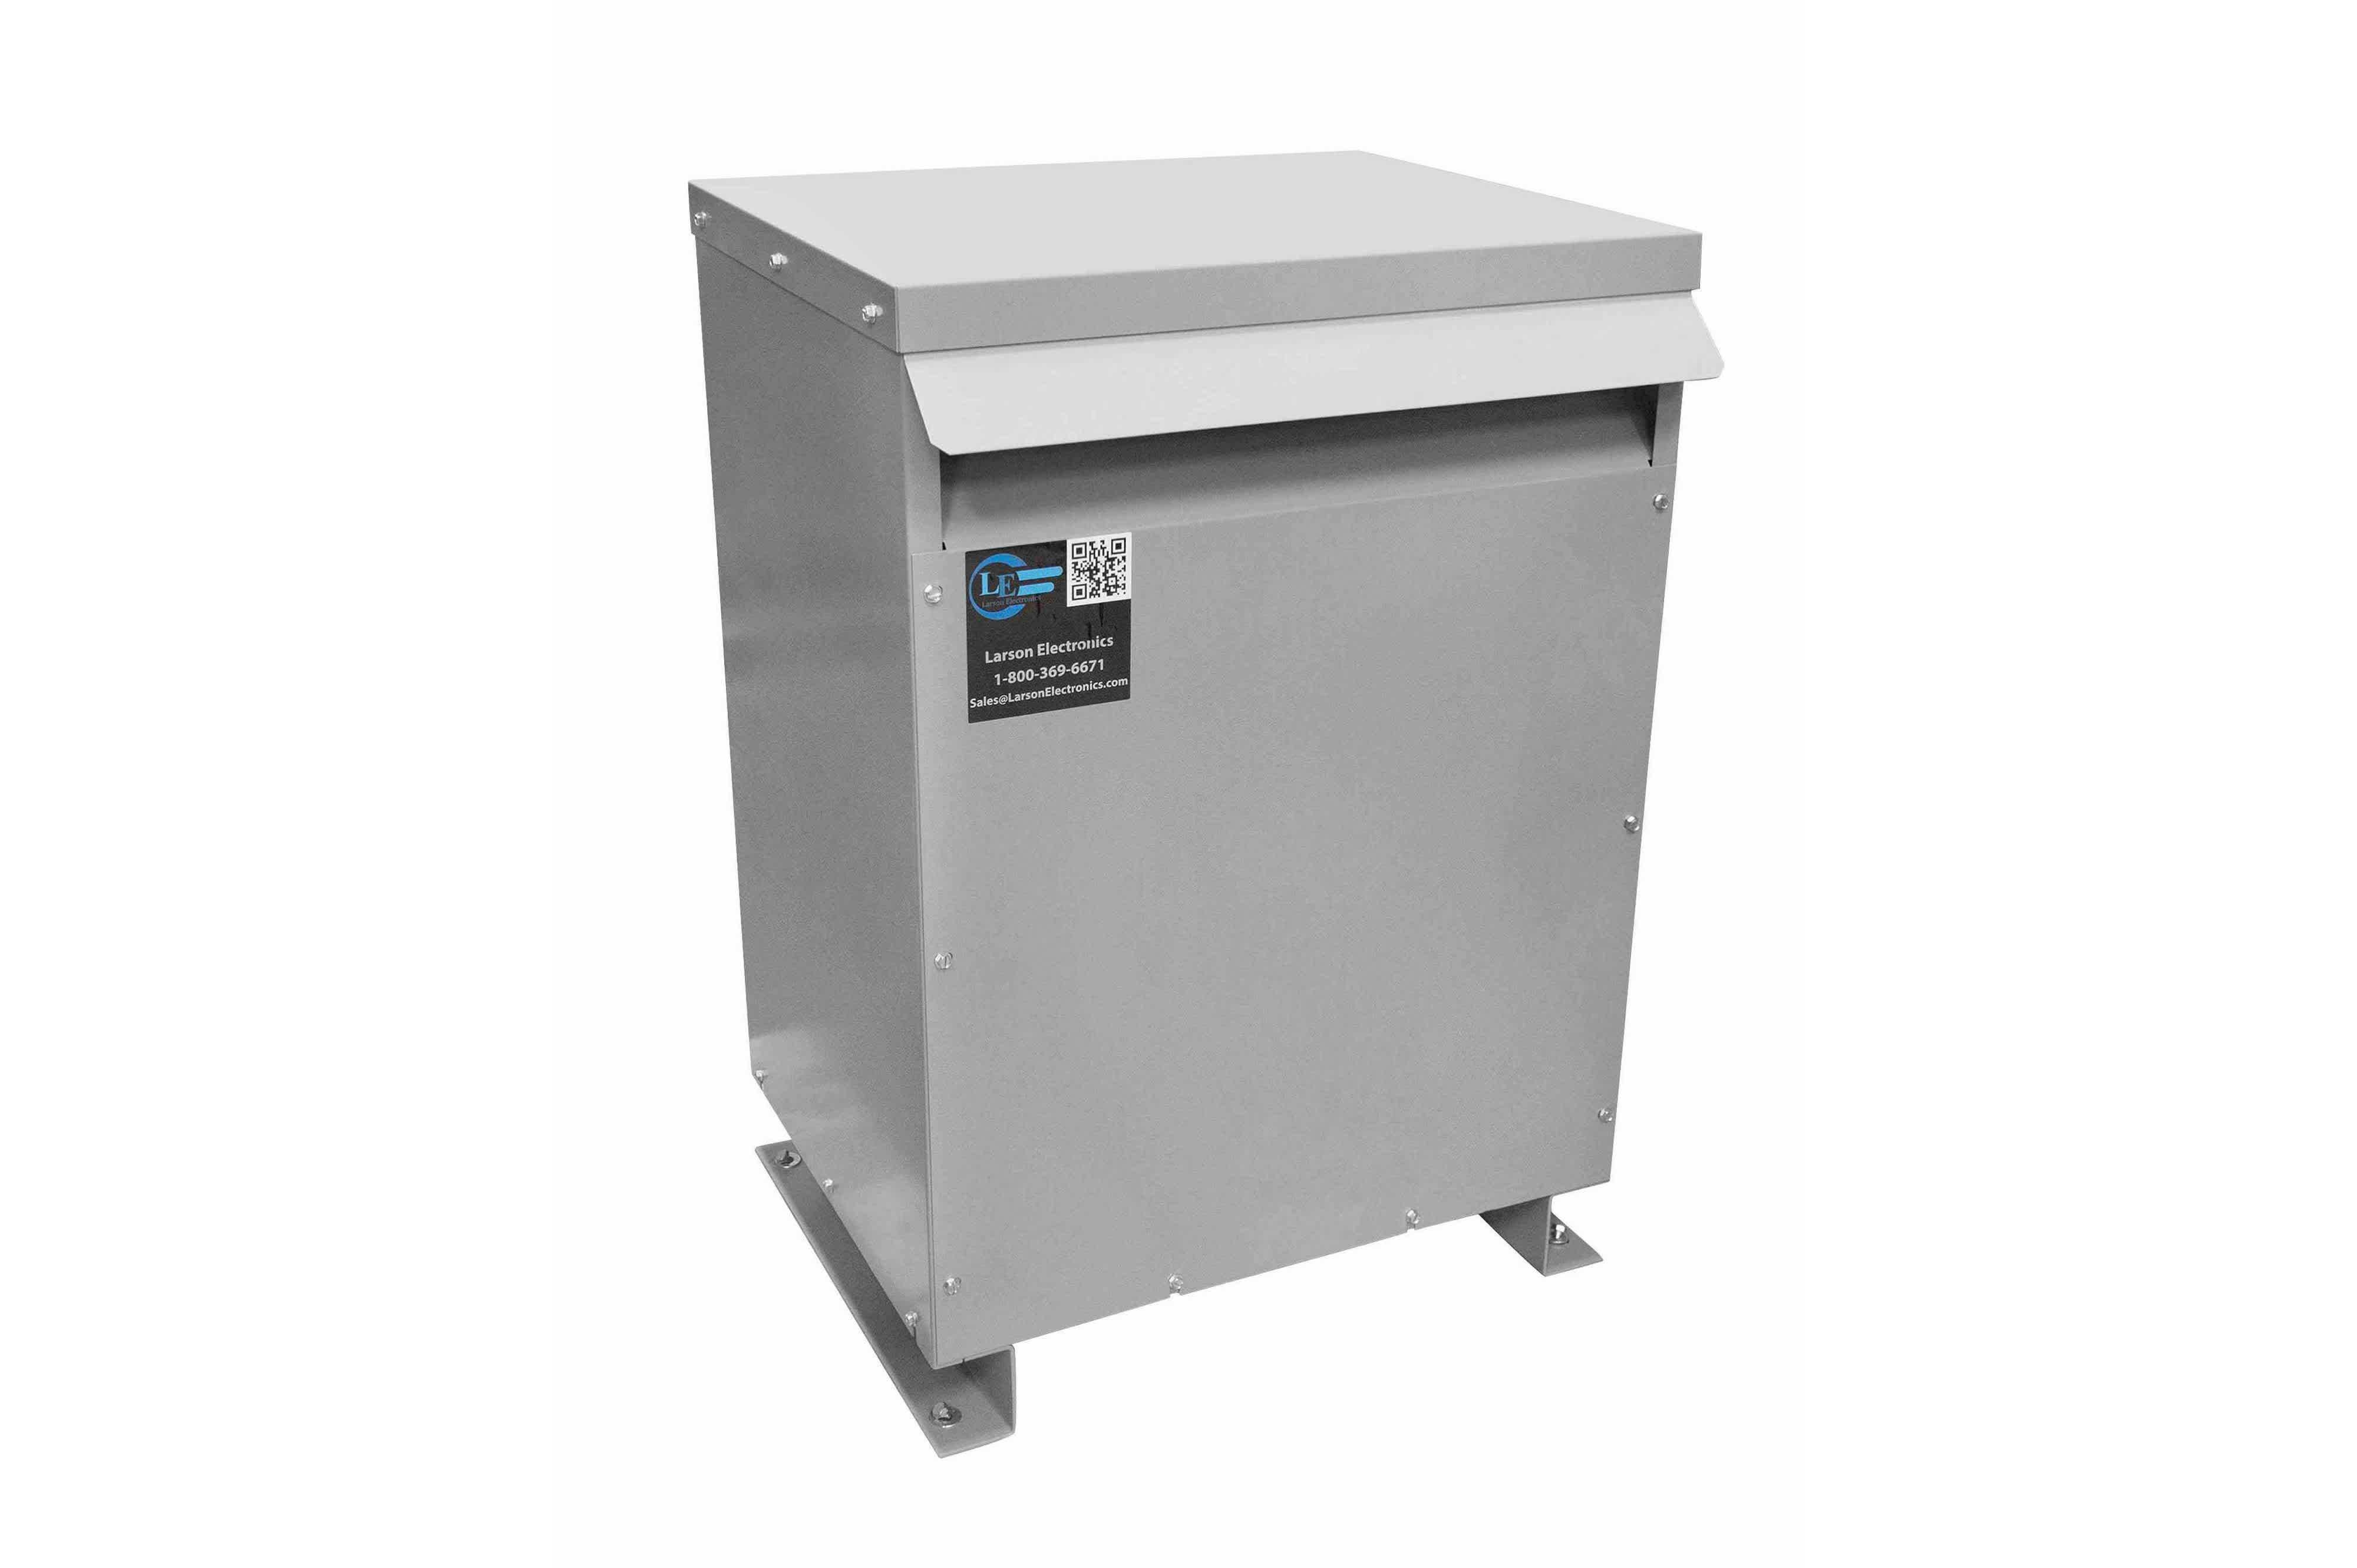 300 kVA 3PH Isolation Transformer, 480V Delta Primary, 208V Delta Secondary, N3R, Ventilated, 60 Hz